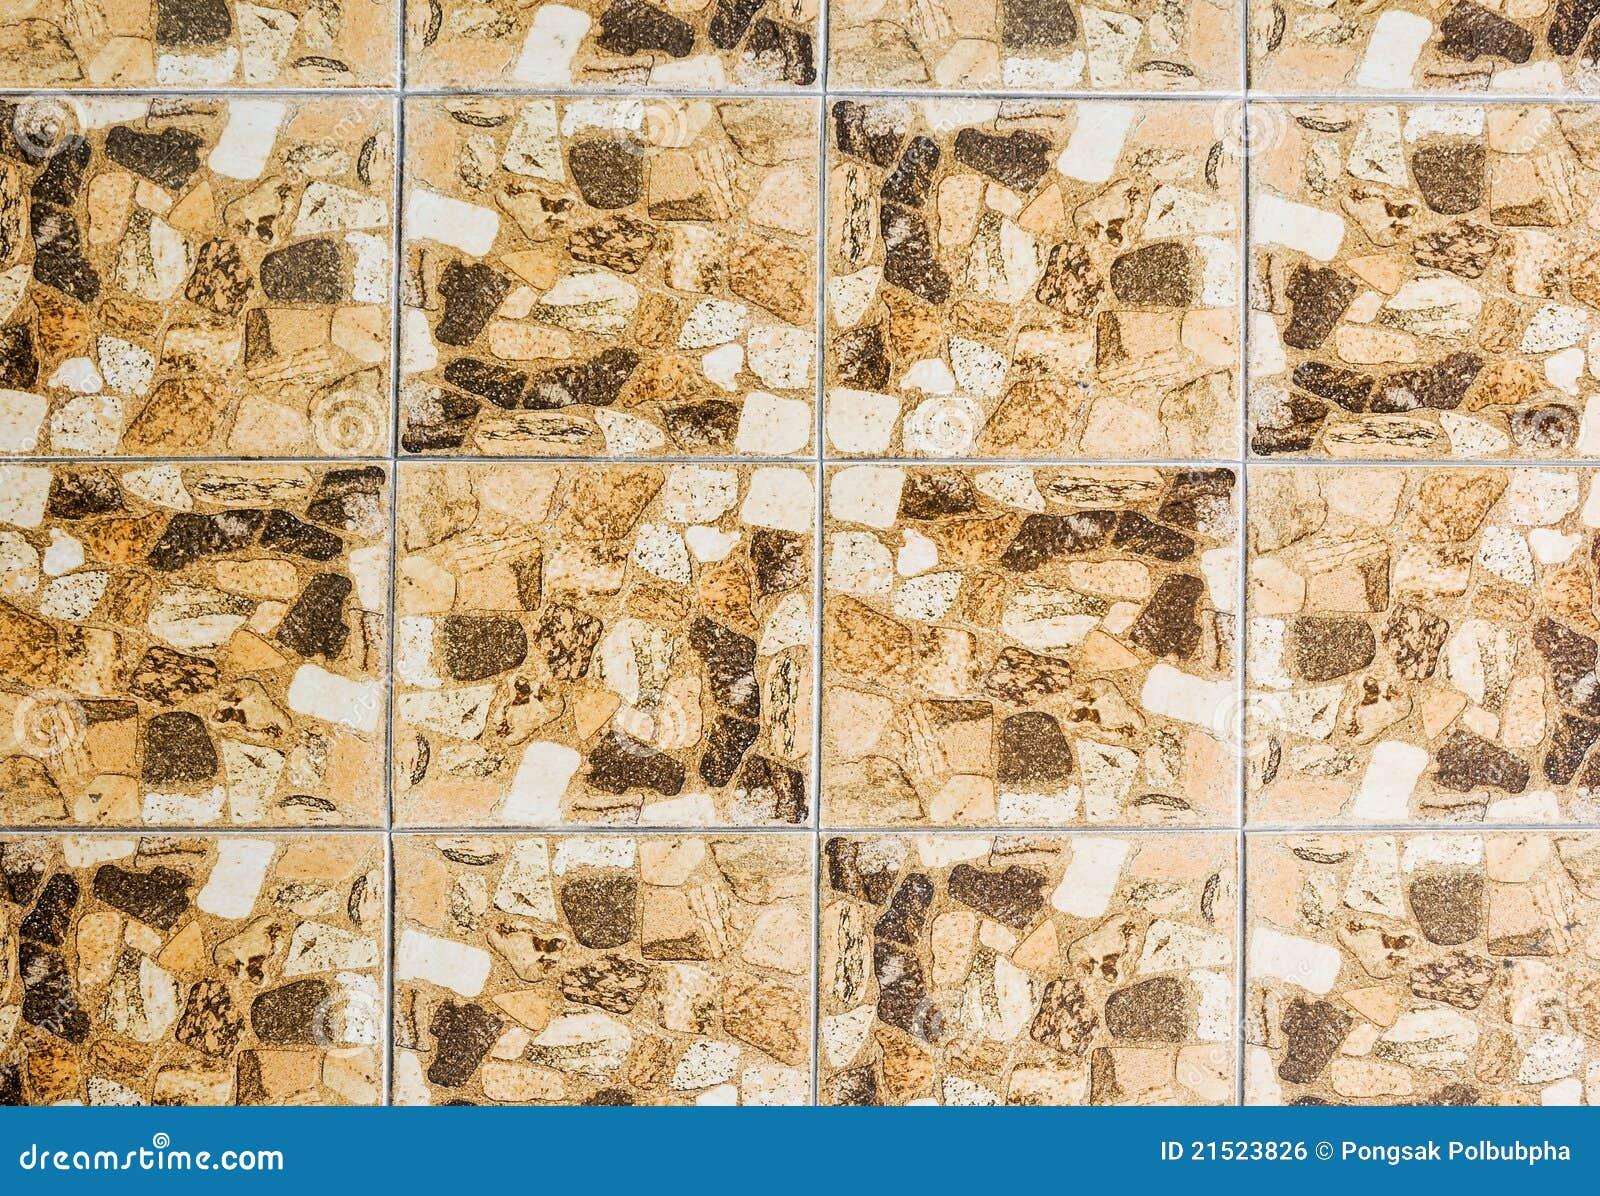 Textura del azulejo de piedra imagen de archivo libre de for Azulejo piedra